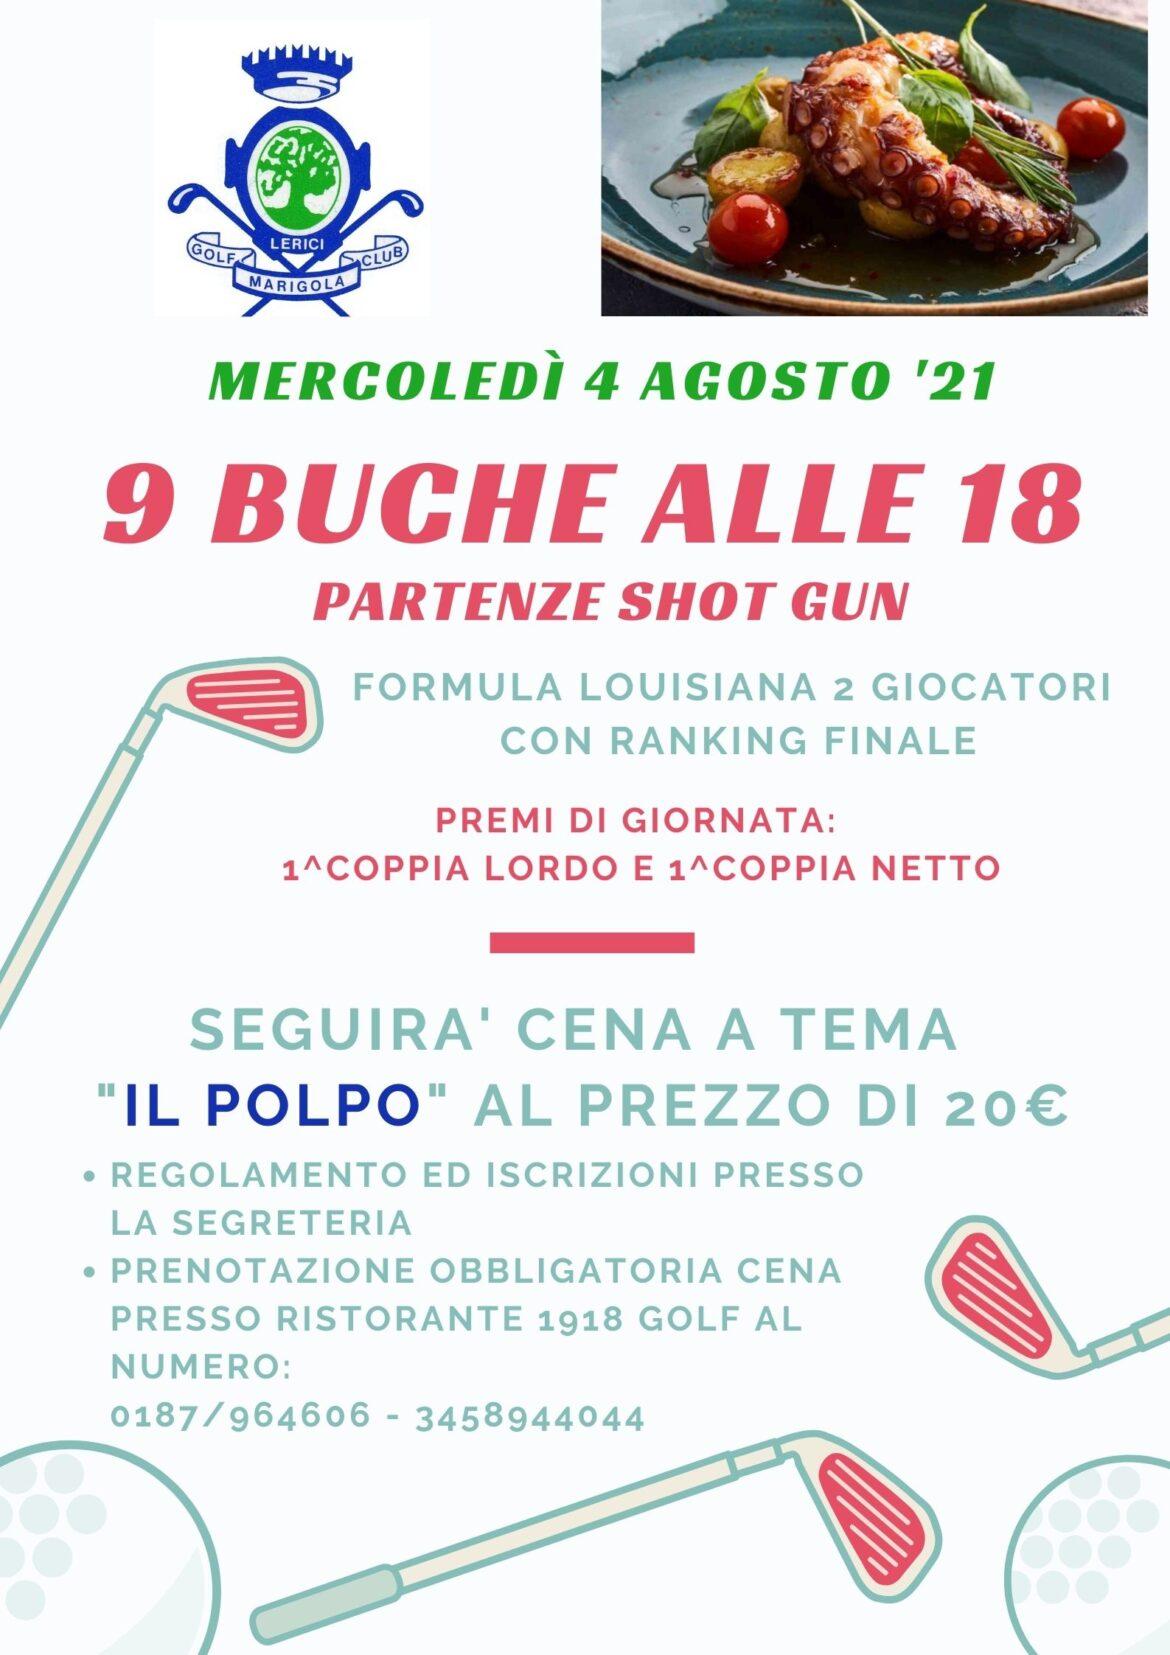 9 BUCHE ALLE 18 – SHOT GUN mercoledì 4 agosto